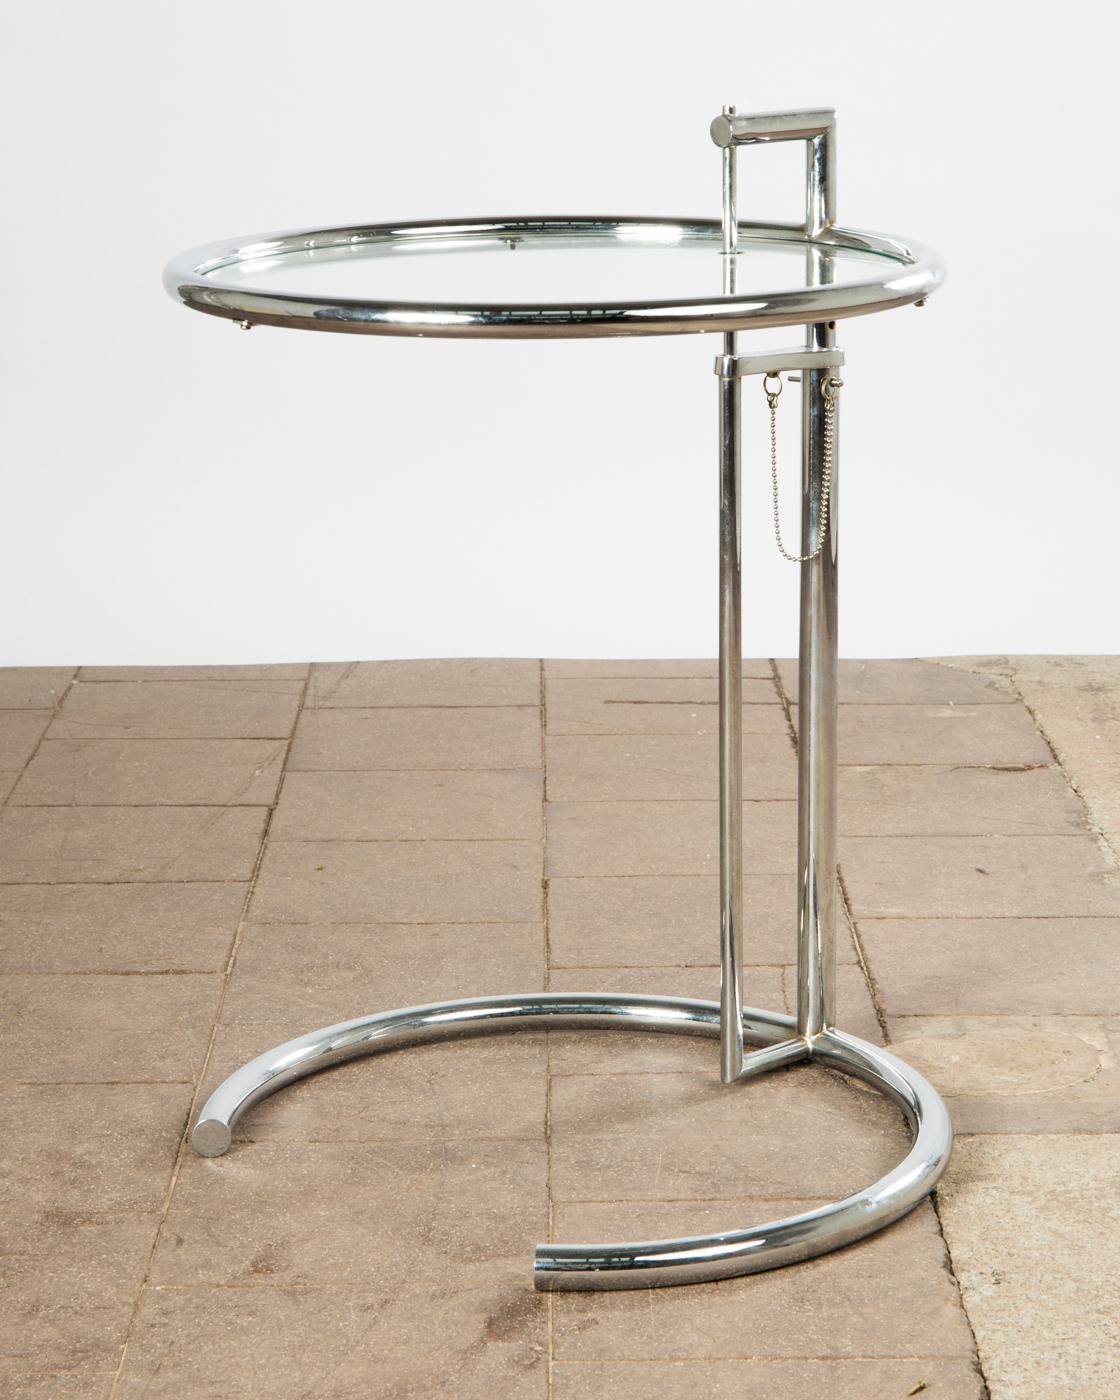 Eileen Gray, Tisch / Beistelltisch, Coffee Table, Modell U0027E.1027u0027 |  Lauritz.com